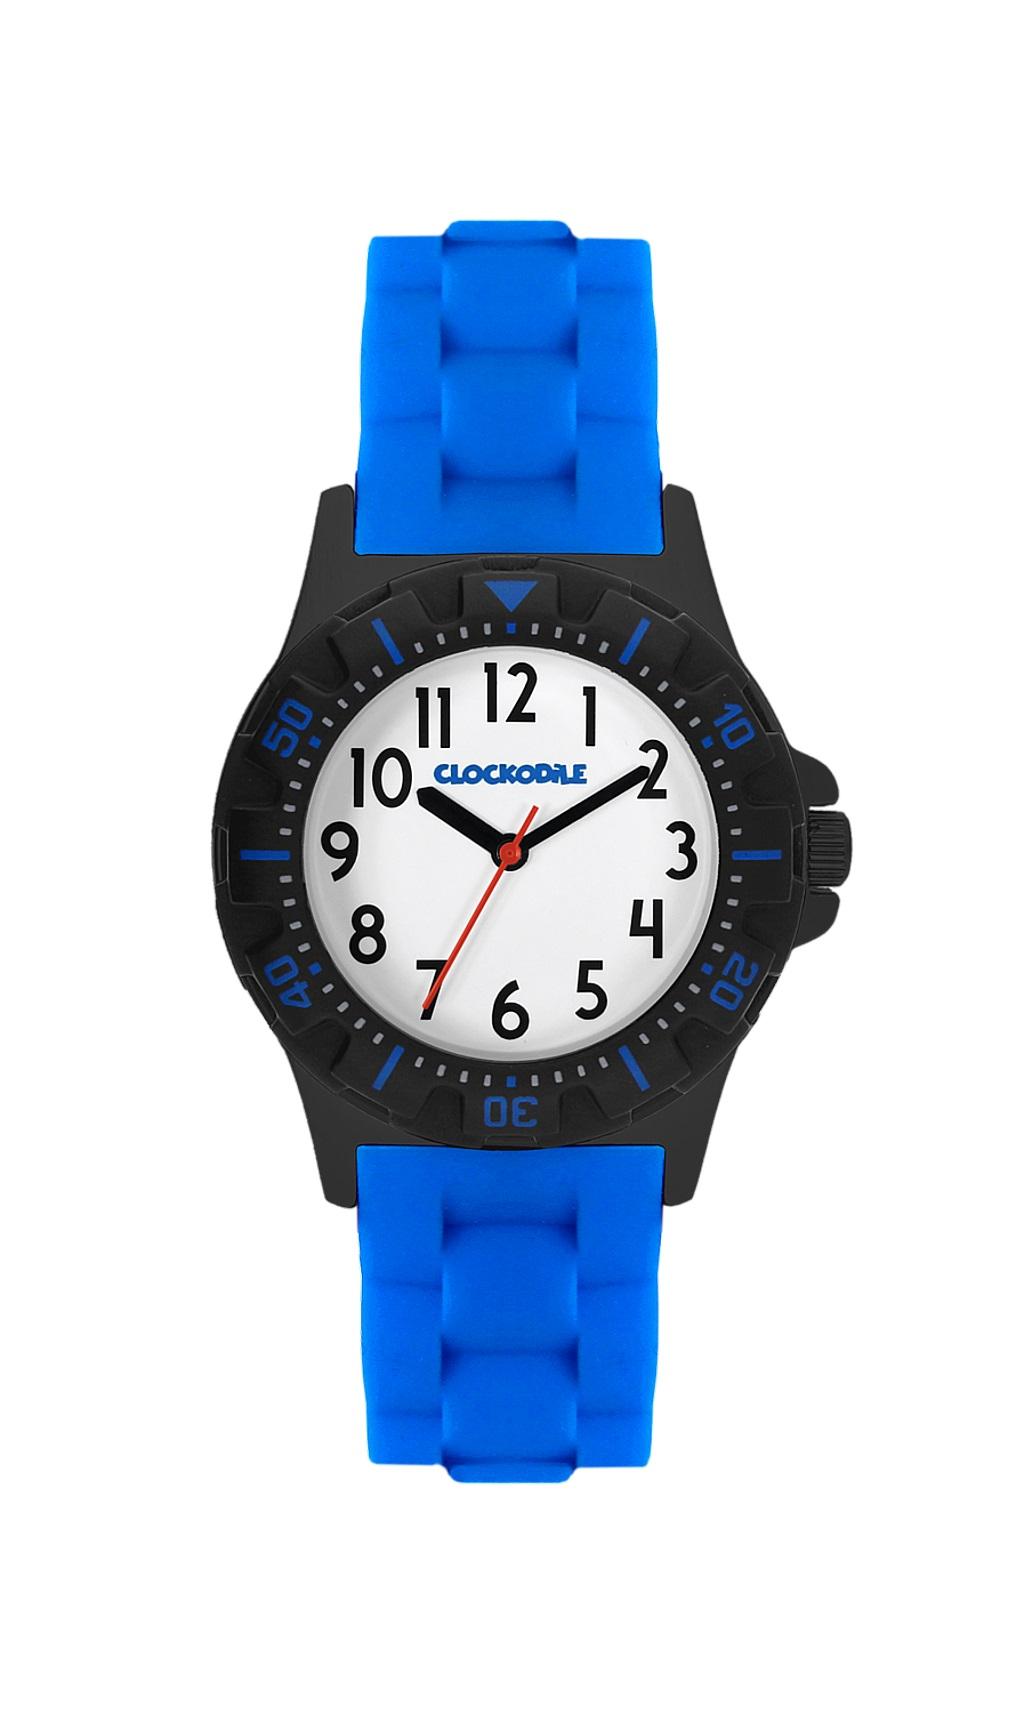 Modré sportovní chlapecké hodinky CLOCKODILE SPORT CWB0020 (CWB0020 - dětské hodinky)